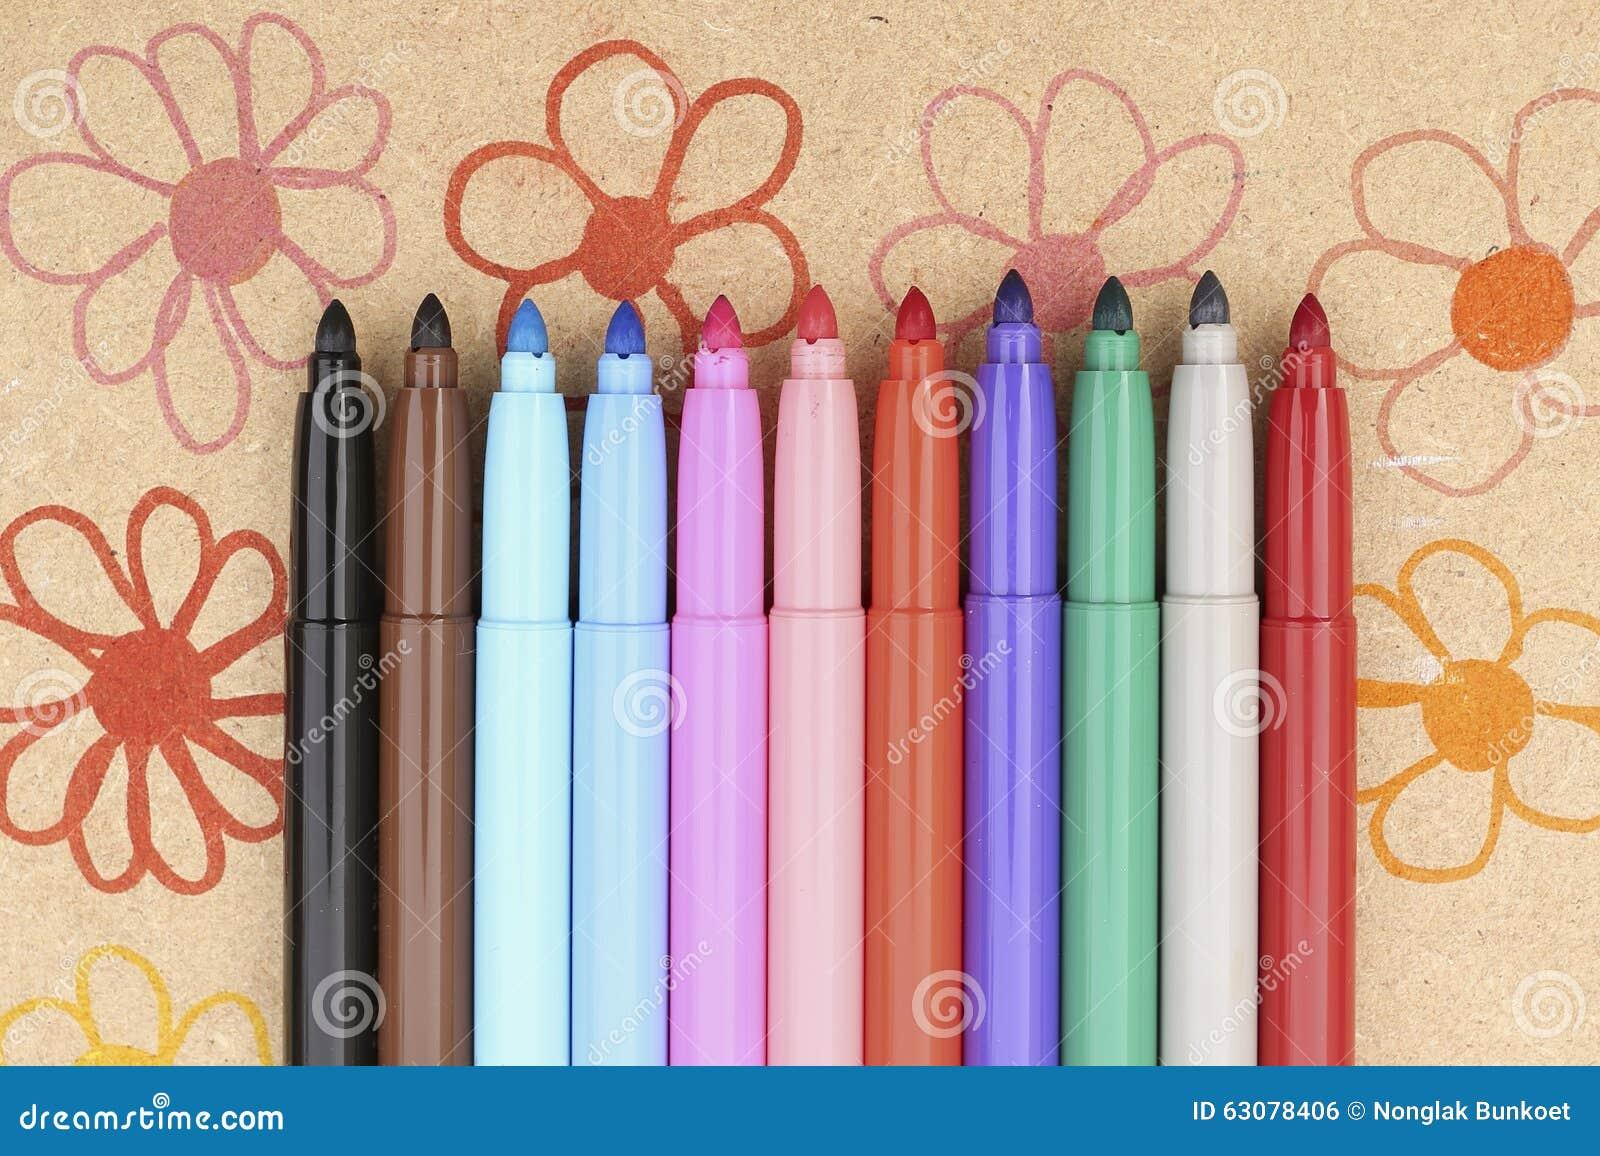 Download Maxi feutre multicolore photo stock. Image du écriture - 63078406